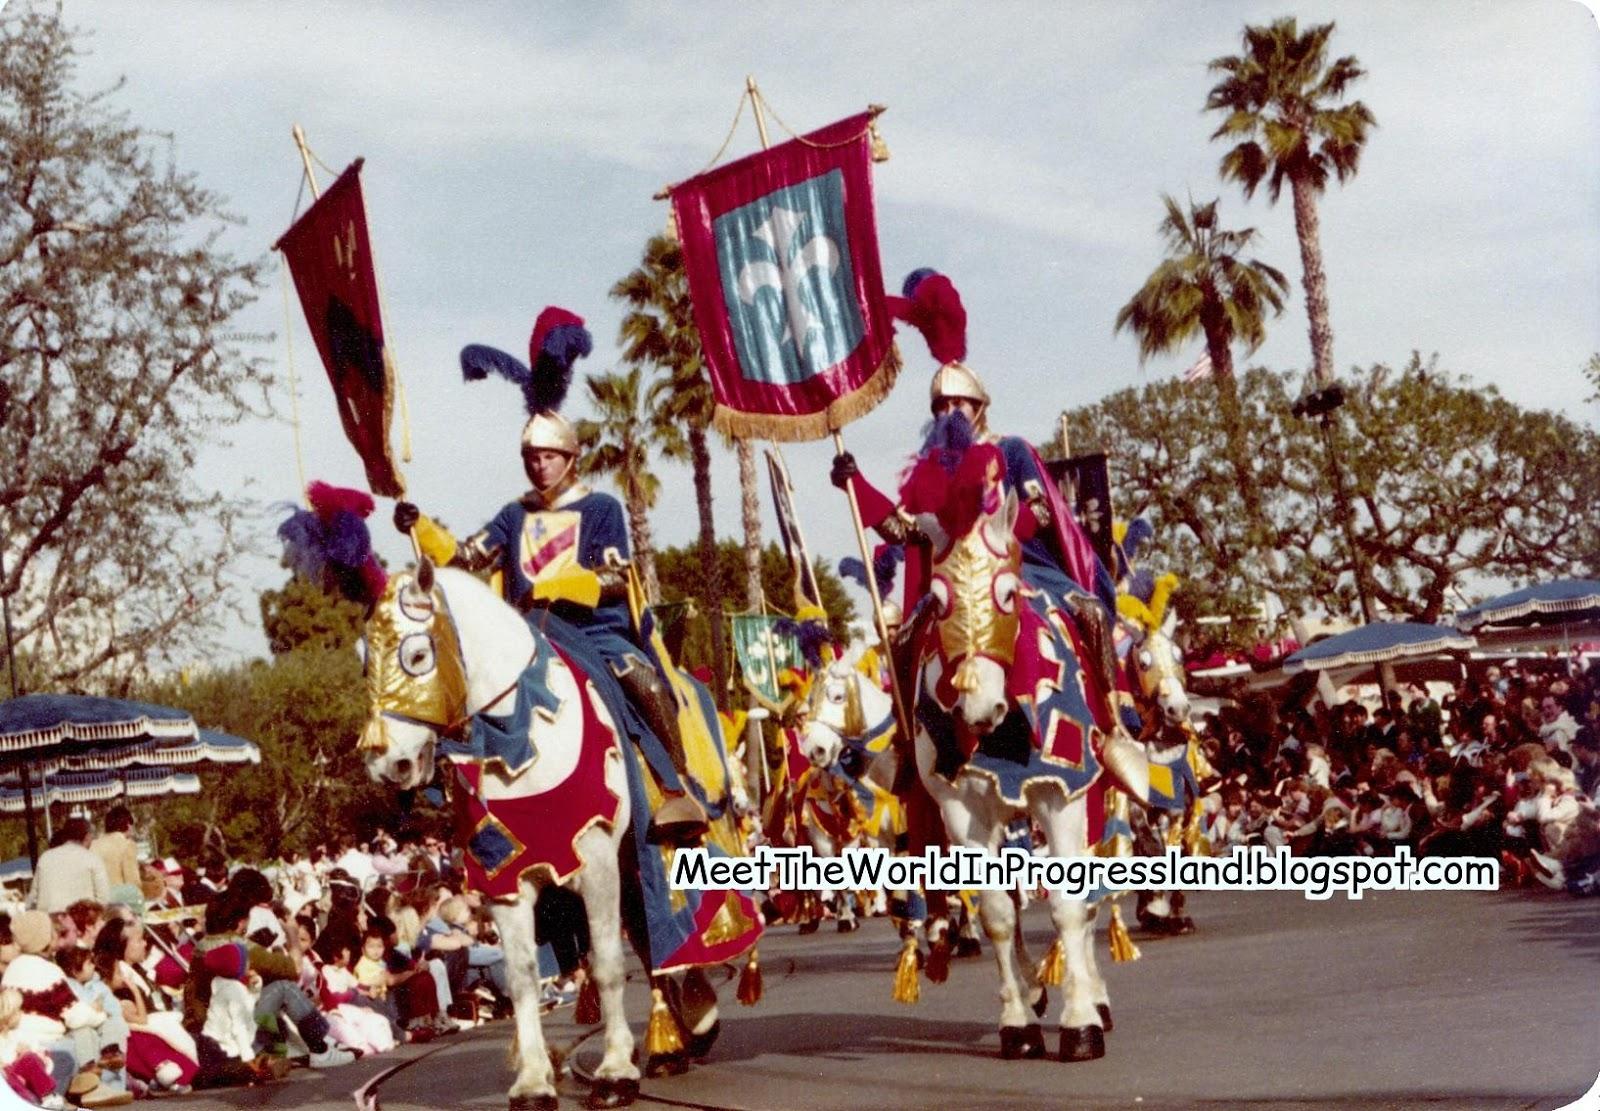 Anciennes Parades des Resorts Américains 1981%2BFantasy%2BOn%2BParade%2B-%2BPlaza